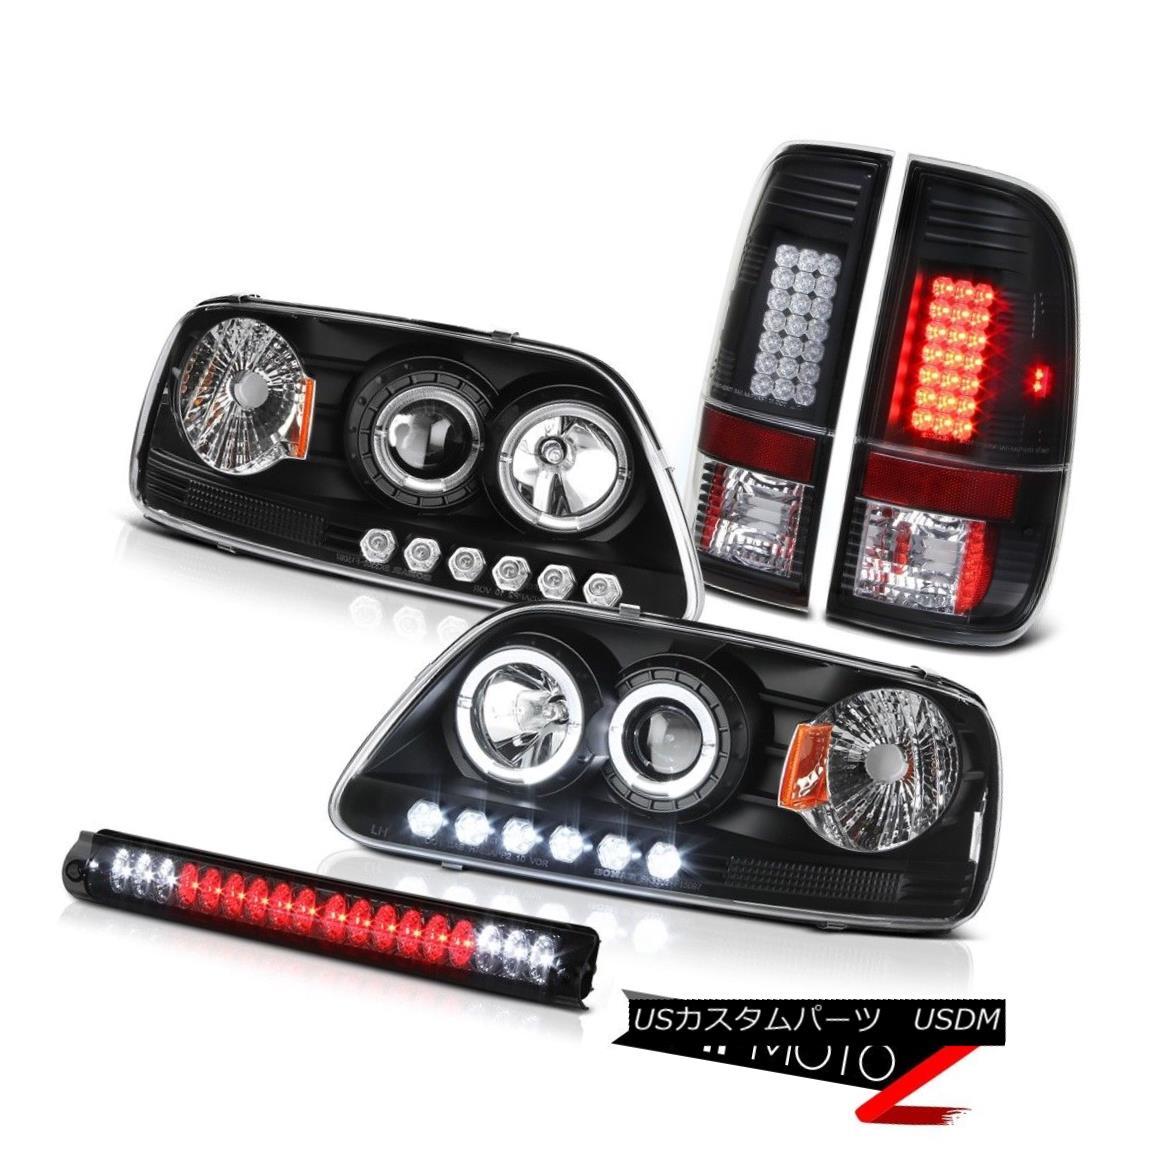 ヘッドライト 97 98 F150 King Ranch Halo LED Headlight Bulbs Tail Lights Roof Stop Lamp Smoked 97 98 F150キングランチヘイローLEDヘッドライト電球テールランプ屋根ストップランプスモーク